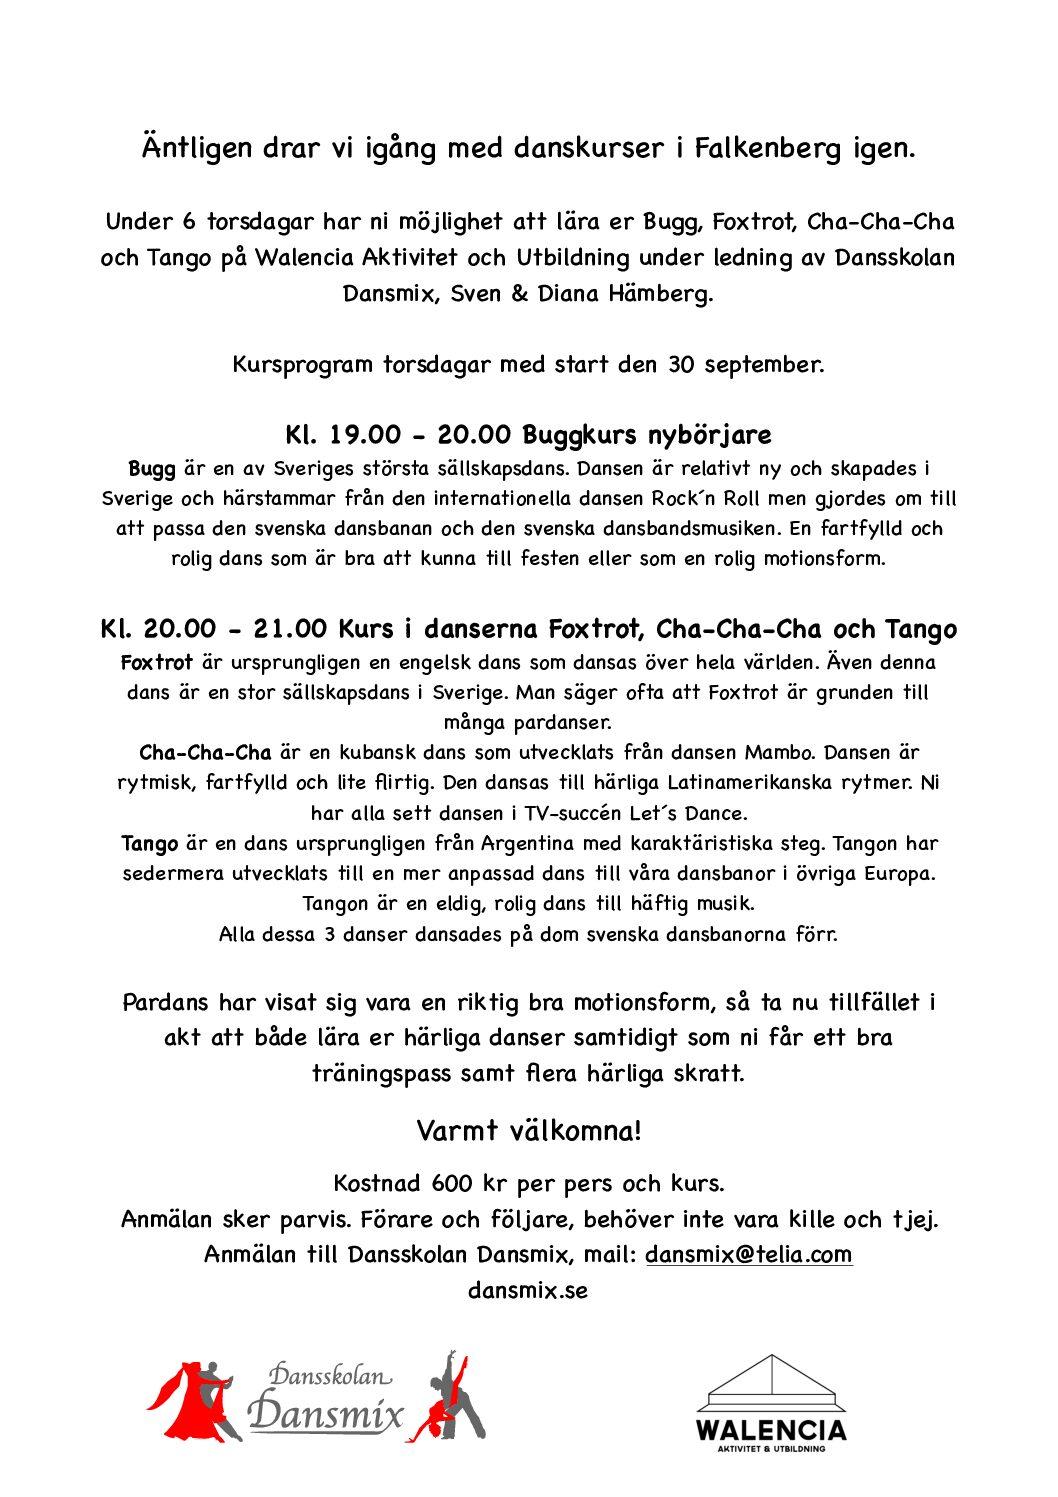 Äntligen dags för danskurser i Falkenberg igen.